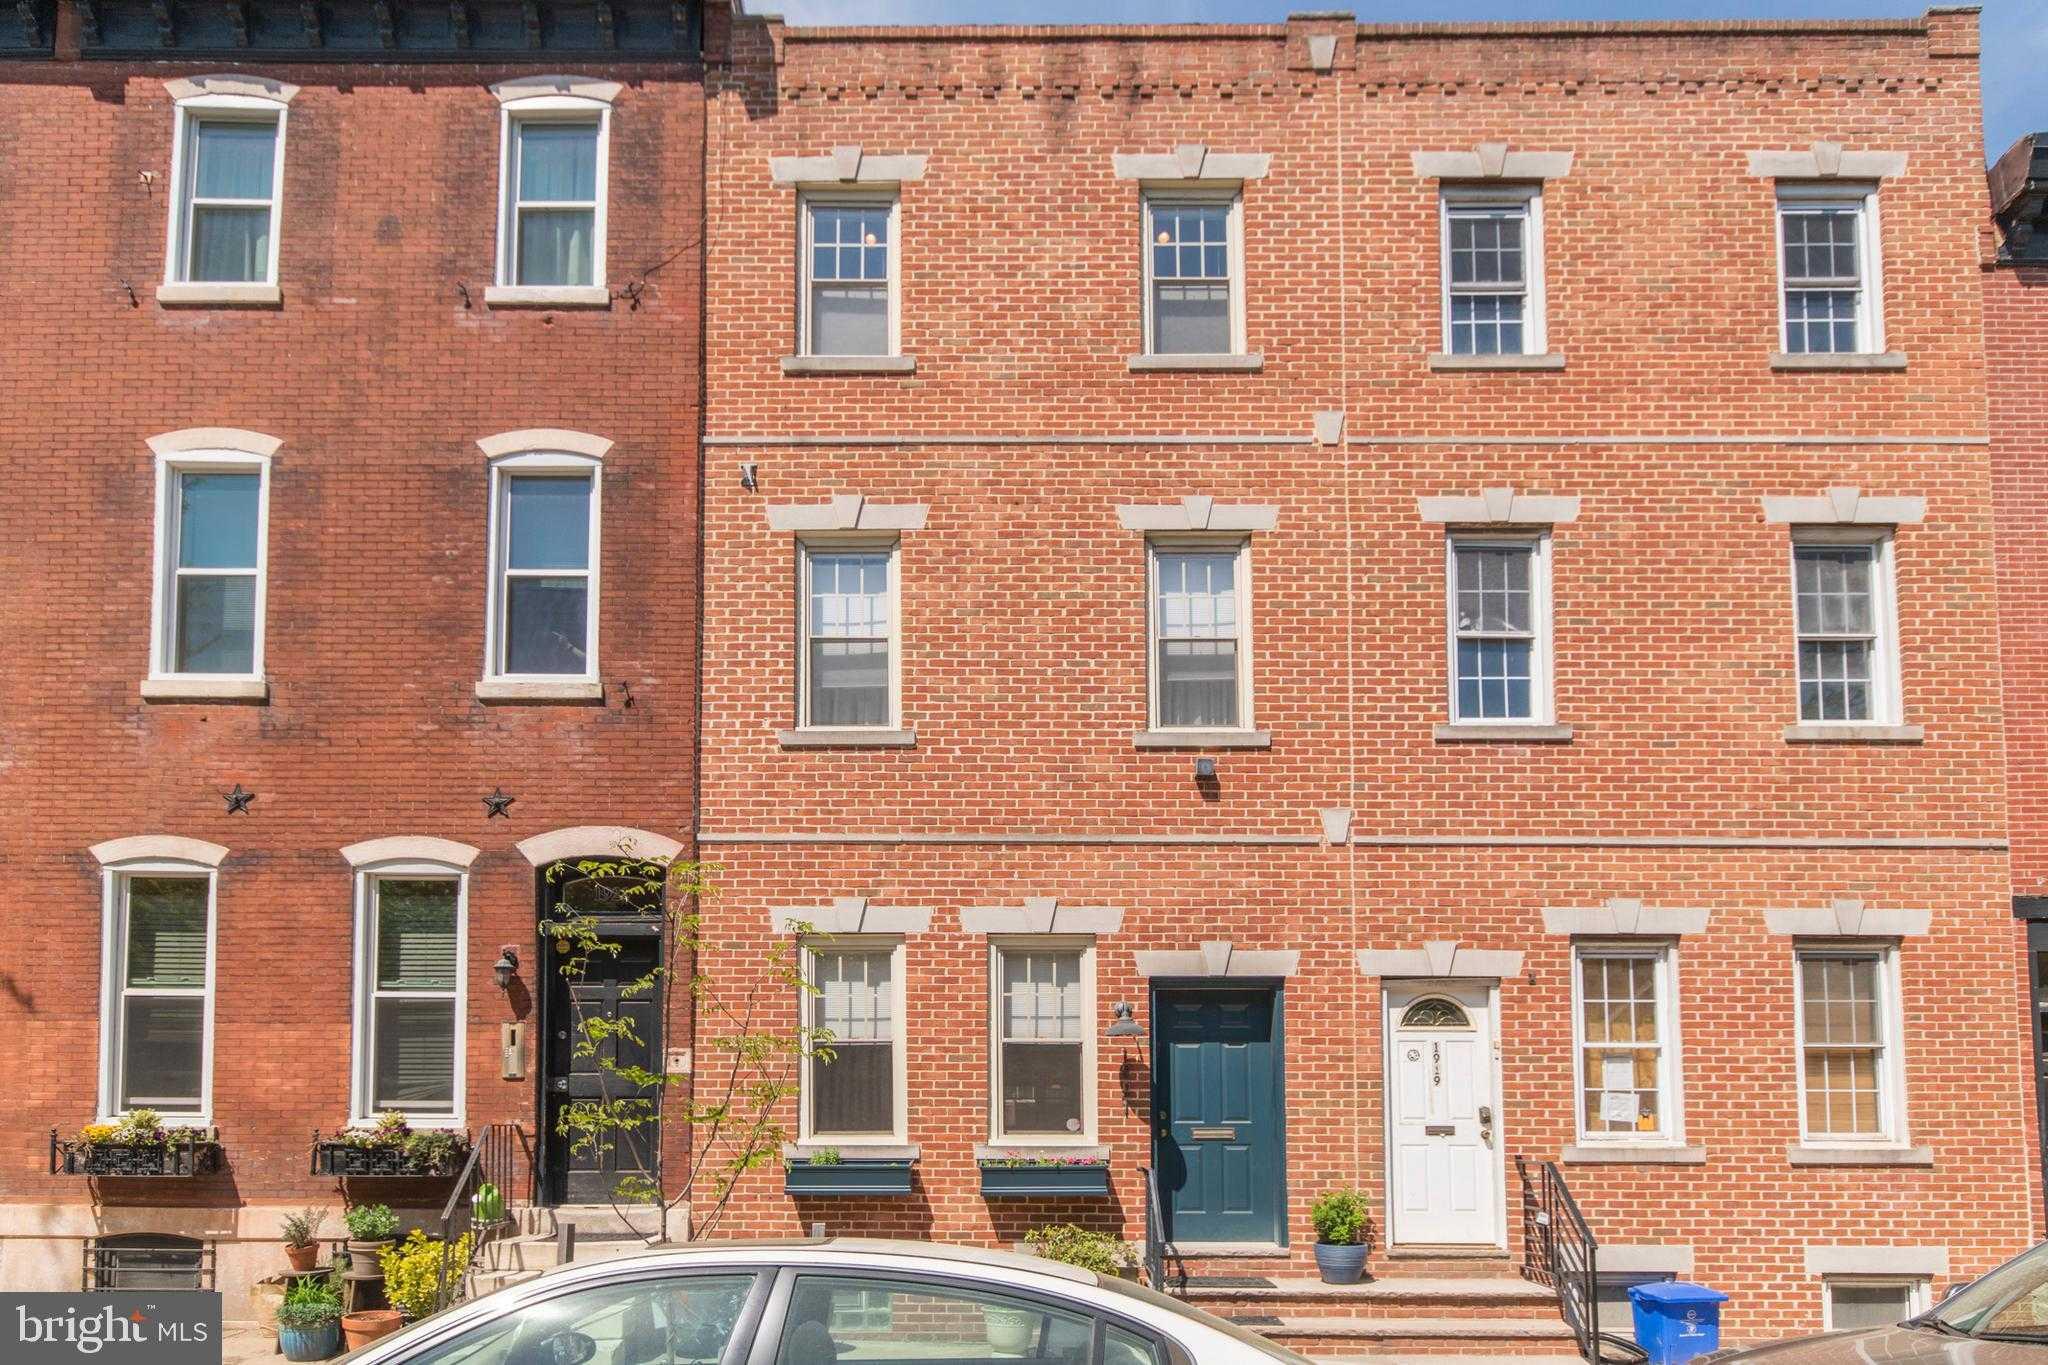 $739,000 - 3Br/3Ba -  for Sale in Graduate Hospital, Philadelphia